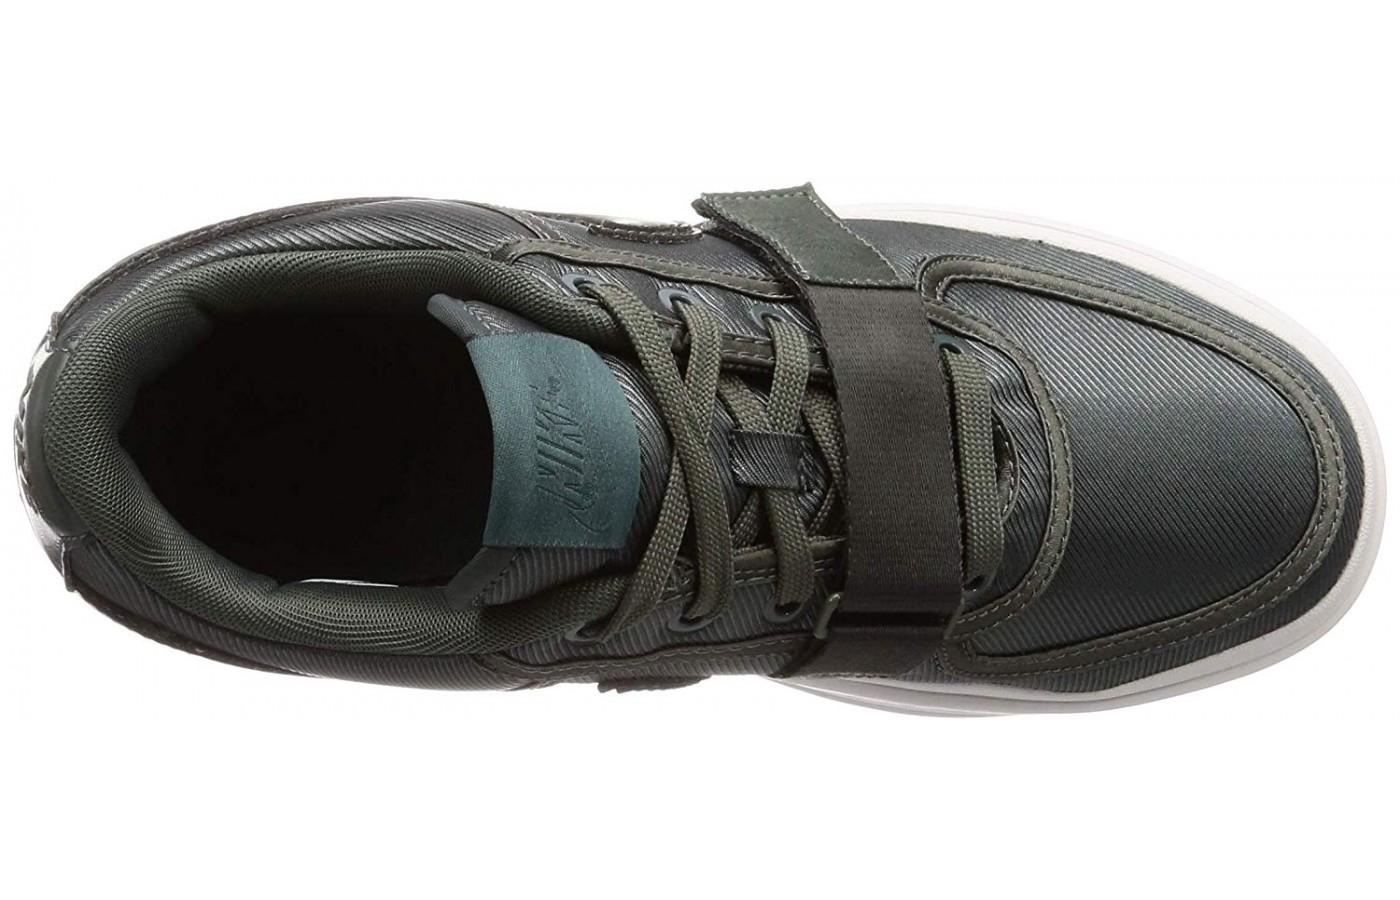 Nike Vandal 2k Upper